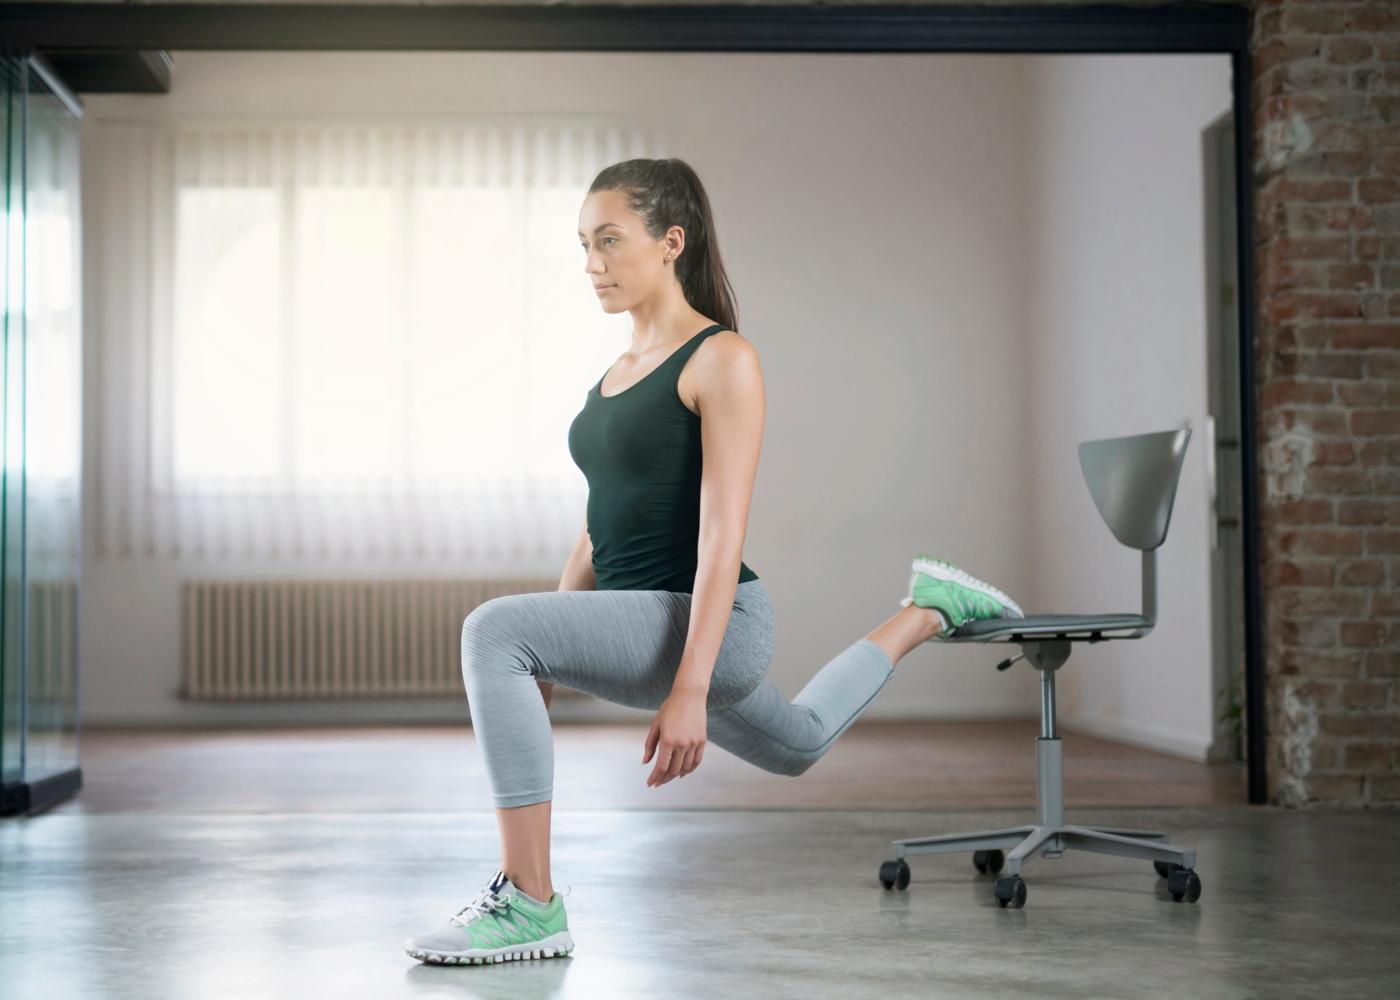 Mulher a fazer exercício de Bulgarian Split Squat em casa